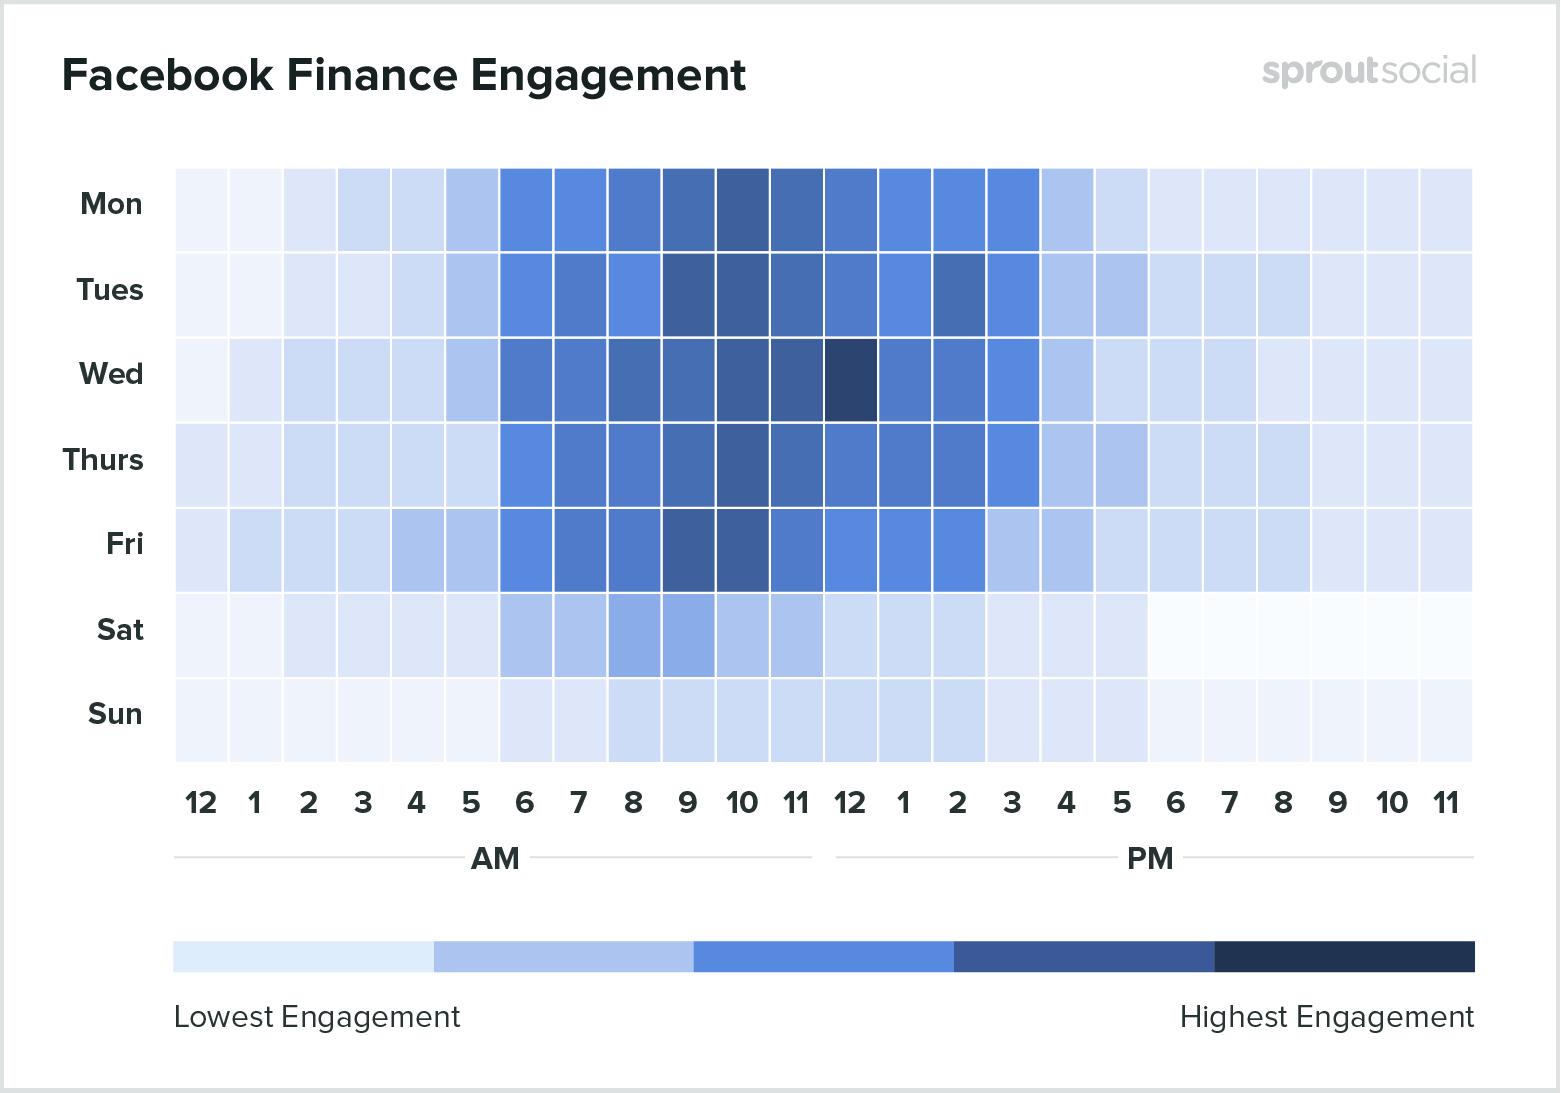 Лучшее время для публикации в Facebook в финансовом секторе